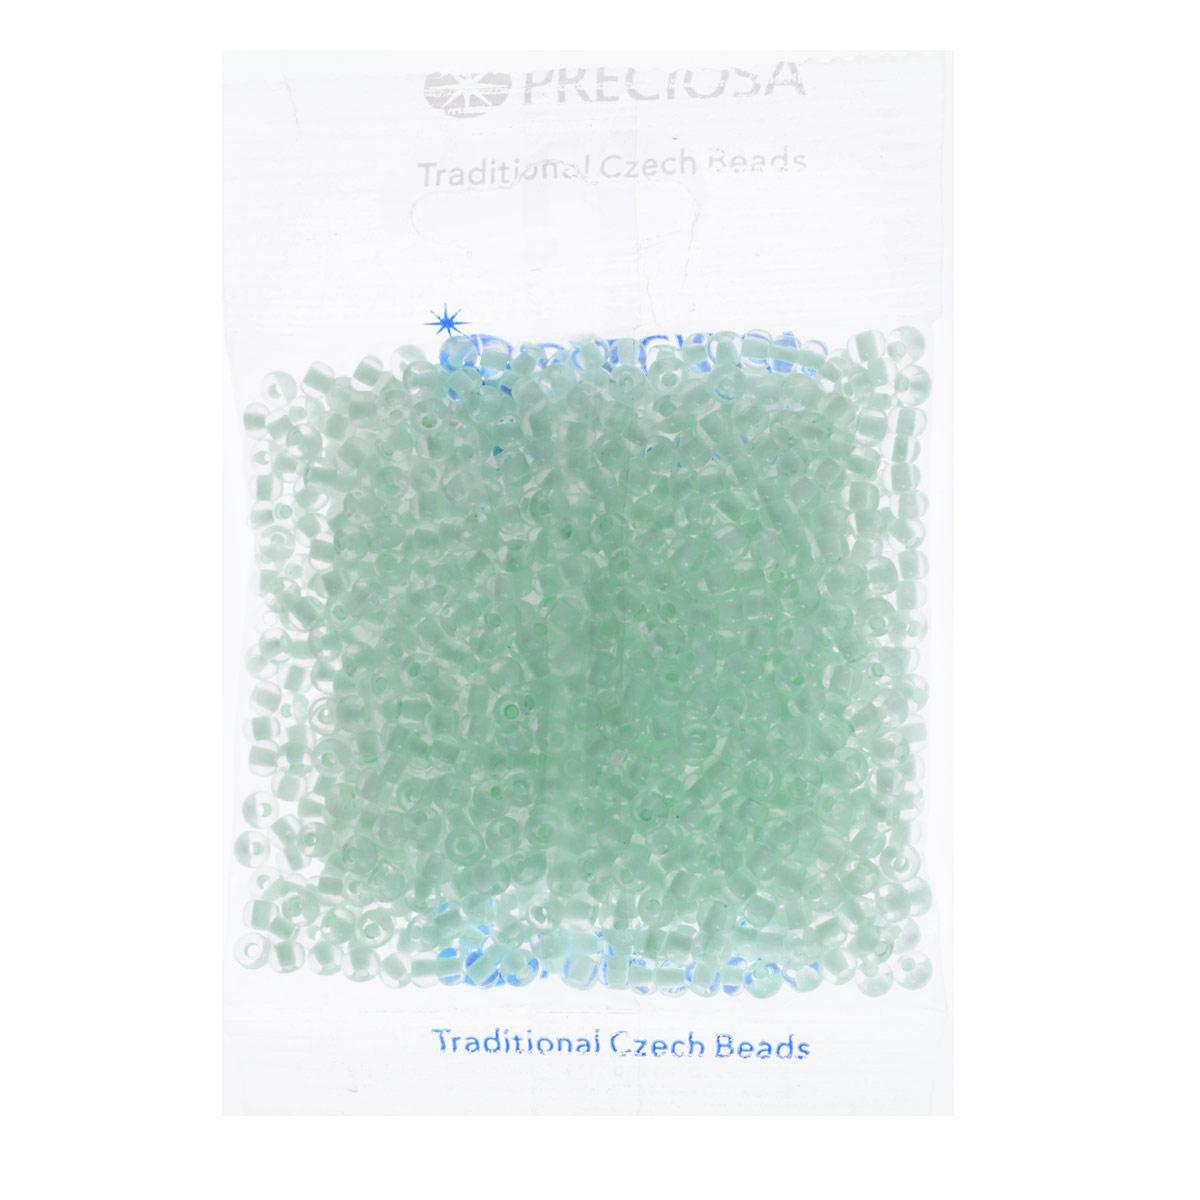 Бисер Preciosa, прозрачный, с фосфорным центром, цвет: мятный (68153), размер 6/0, 50 г7703123Прозрачный бисер Preciosa, изготовленный из стекла круглой формы с фосфорным центром, позволит вам своими руками создать оригинальные ожерелья, бусы или браслеты, а также заняться вышиванием. В бисероплетении часто используют бисер разных размеров и цветов. Он идеально подойдет для вышивания на предметах быта и женской одежде. Изготовление украшений - занимательное хобби и реализация творческих способностей рукодельницы, это возможность создания неповторимого индивидуального подарка. Размер бисера: 6/0.